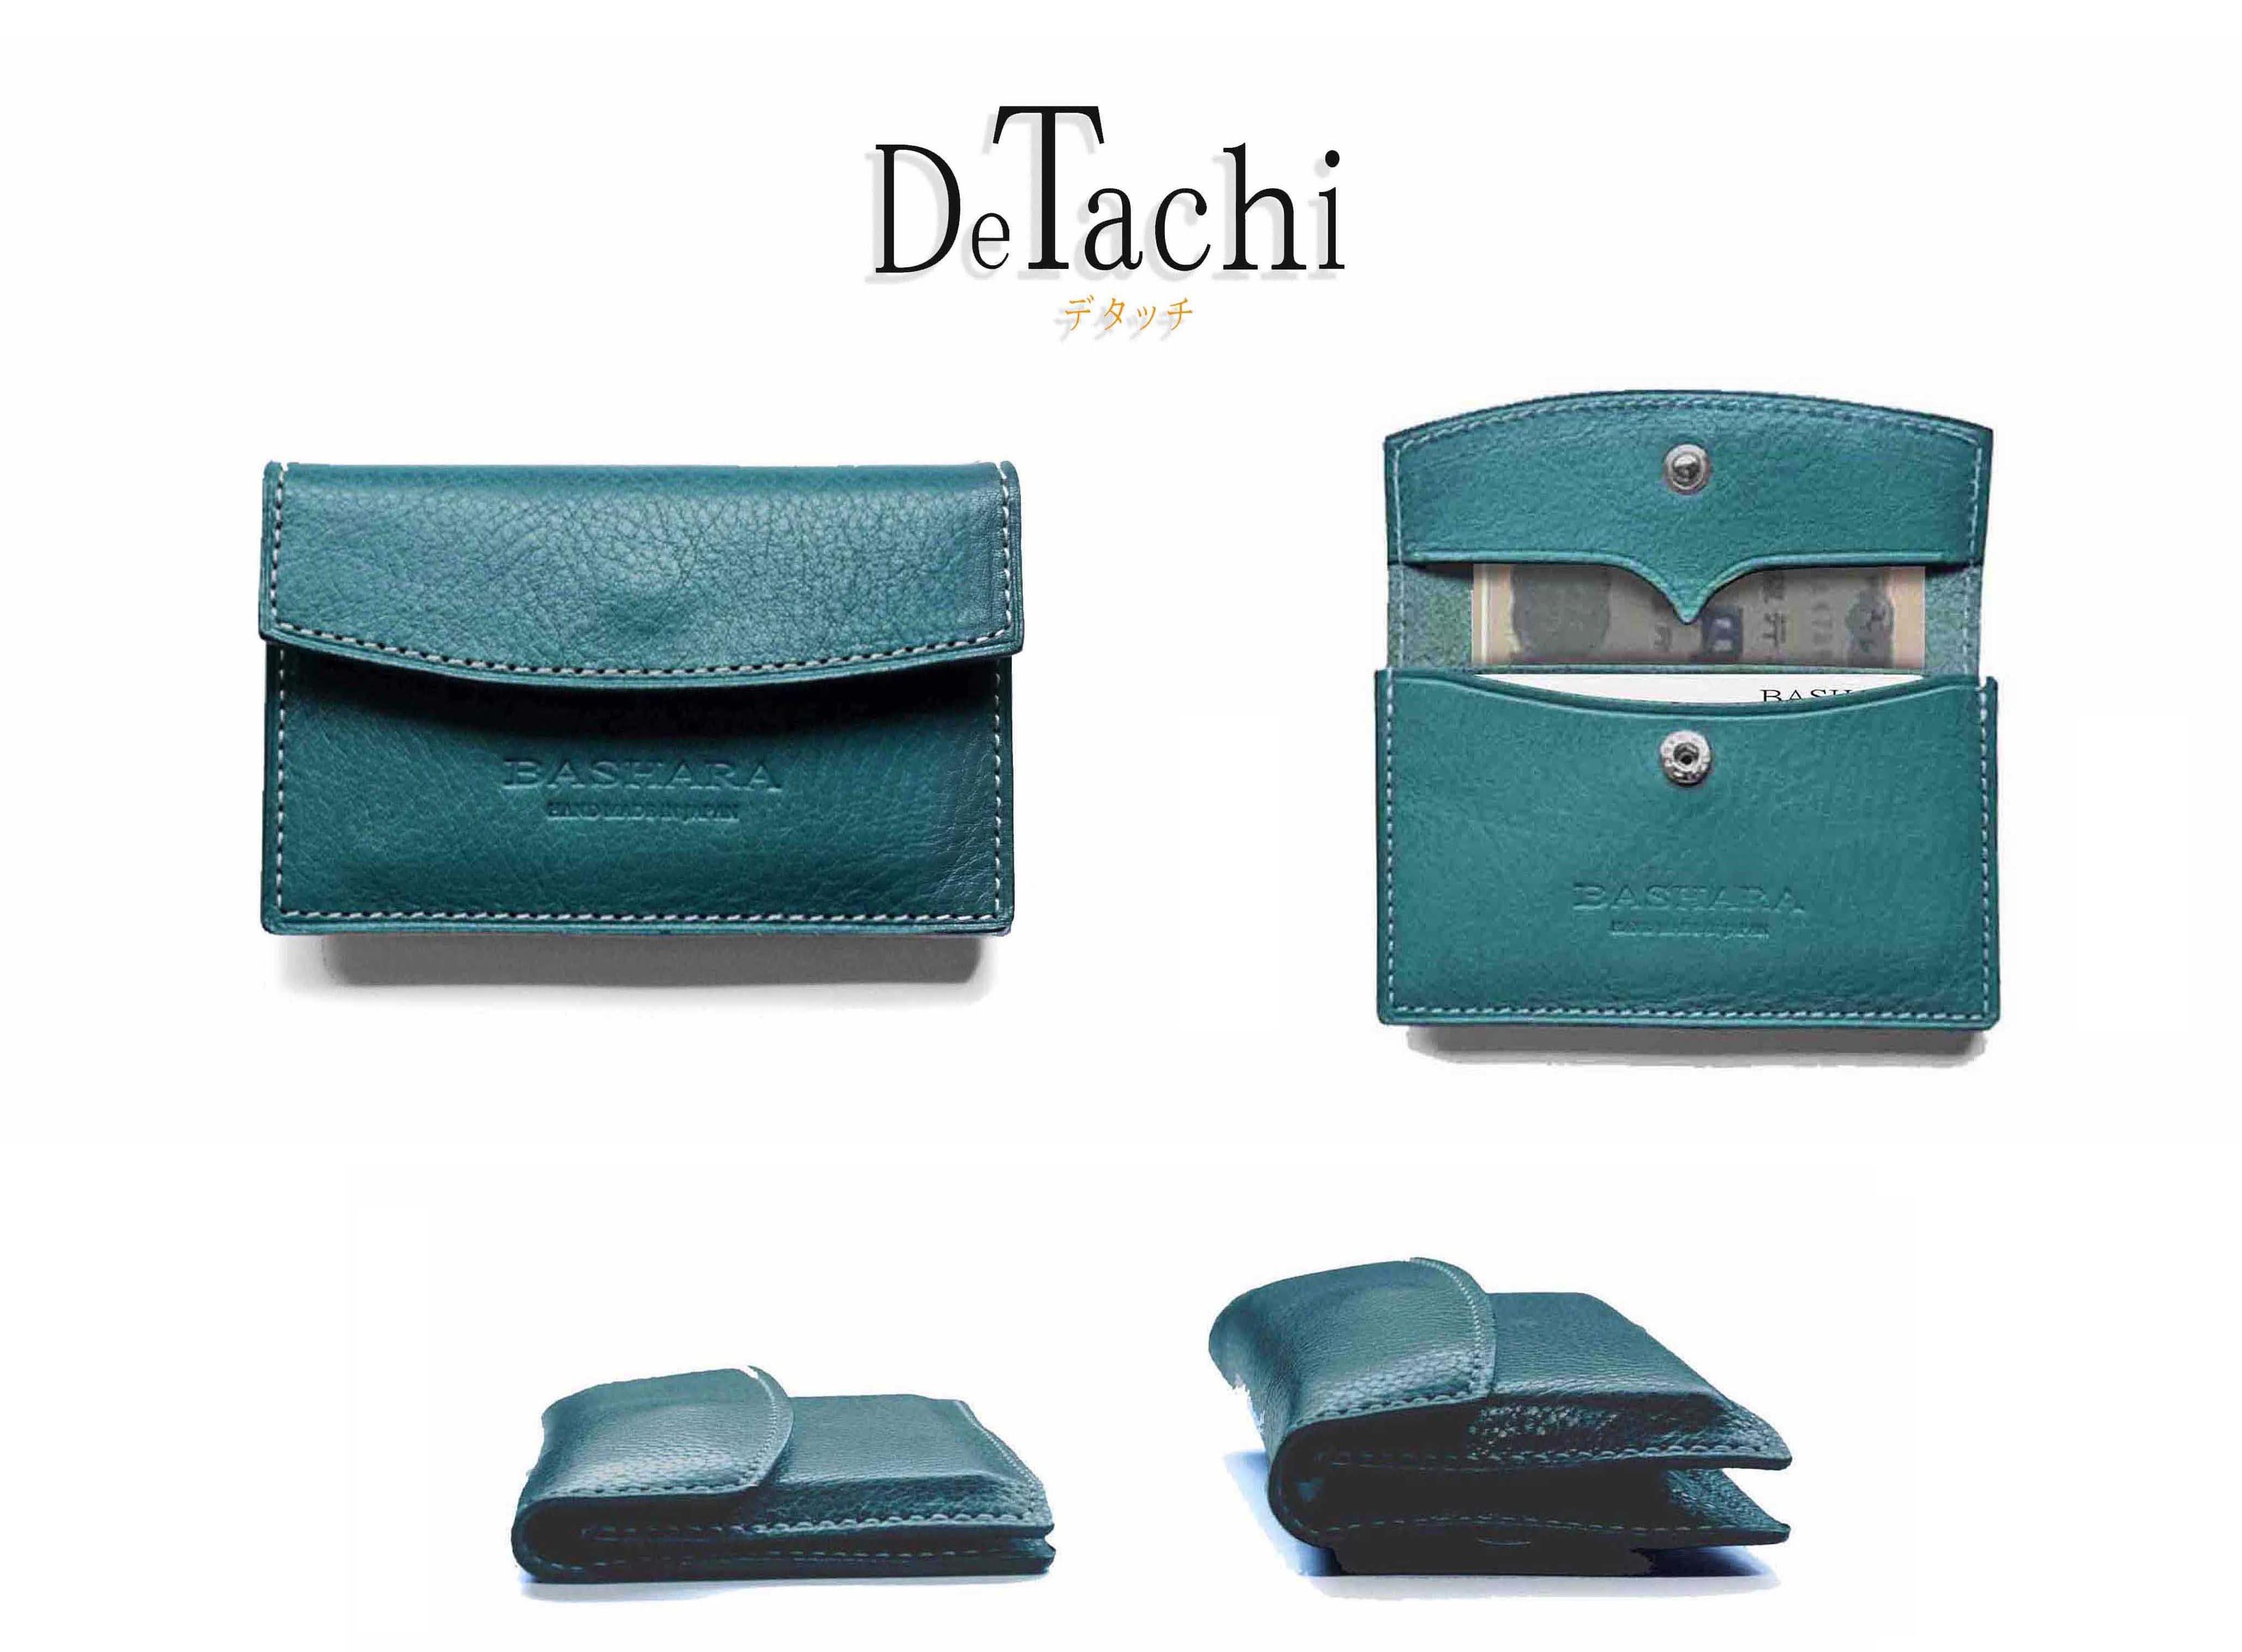 DeTachi(ミニウォレット)